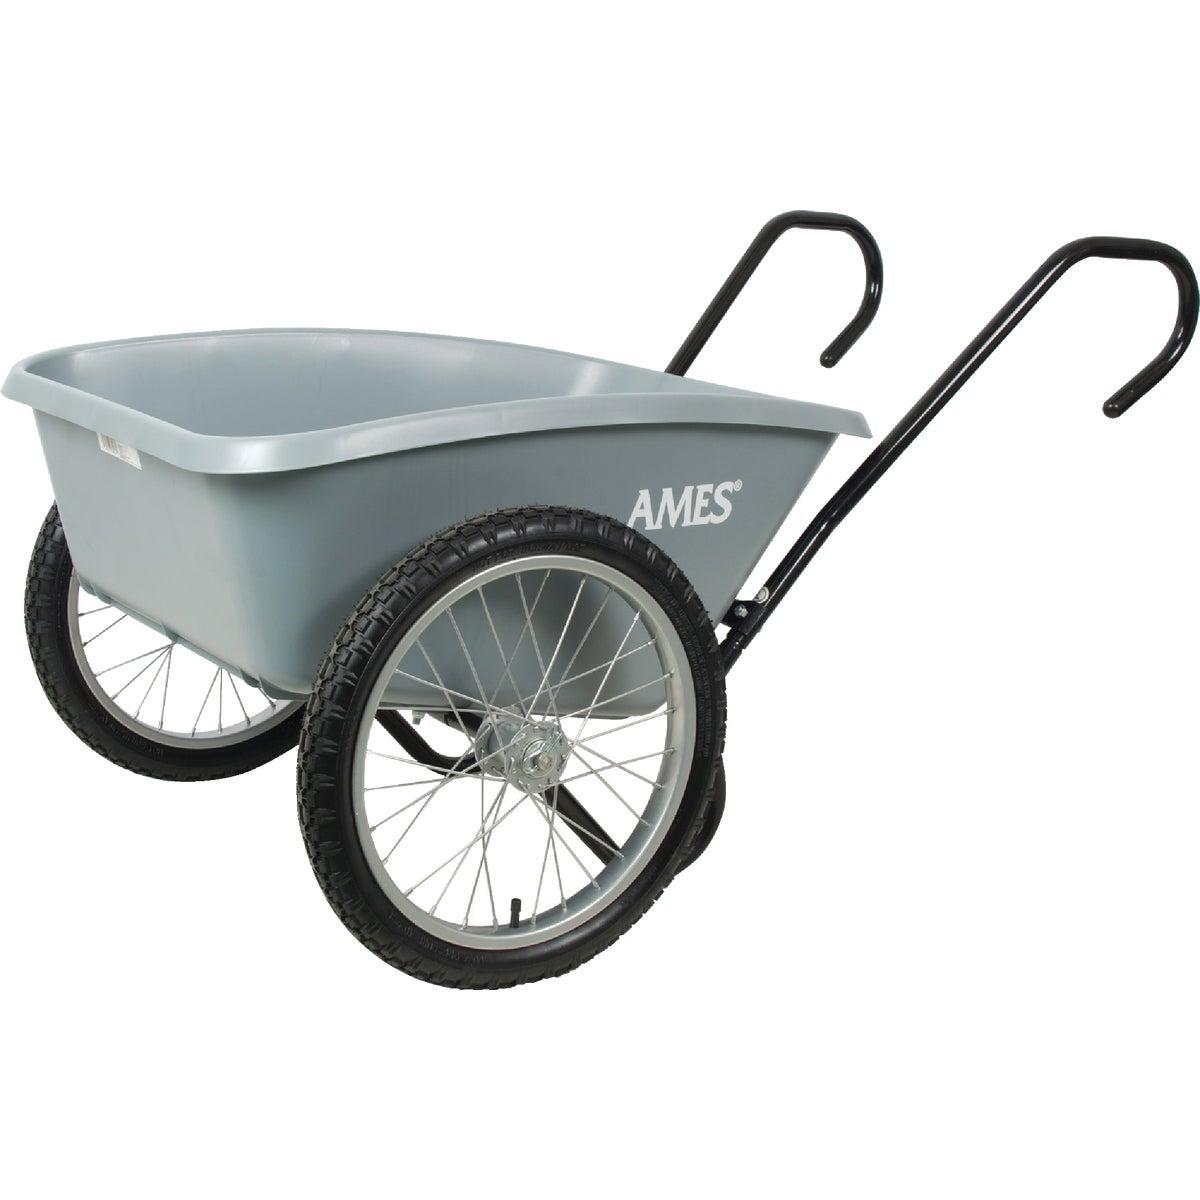 Ames Yard Garden Cart, TCCART